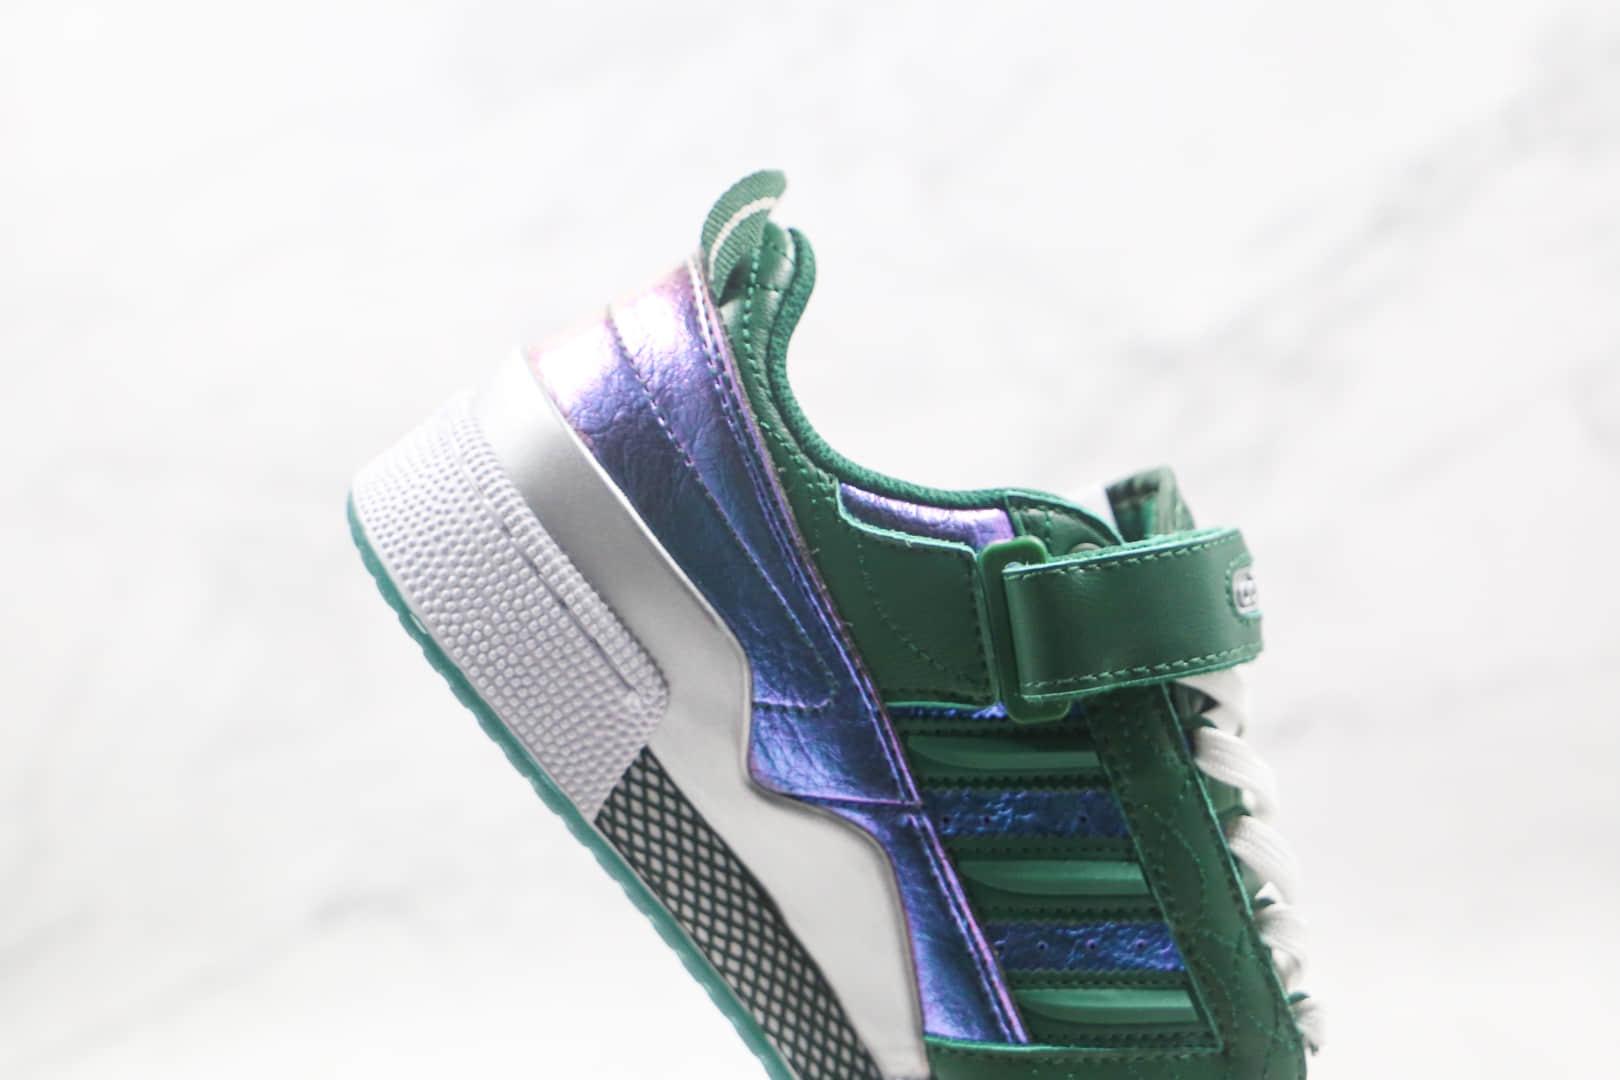 阿迪达斯Adidas Forum Low纯原版本低帮三叶草绿镭射银魔术贴板鞋原盒原标原档案数据开发 货号:H04189